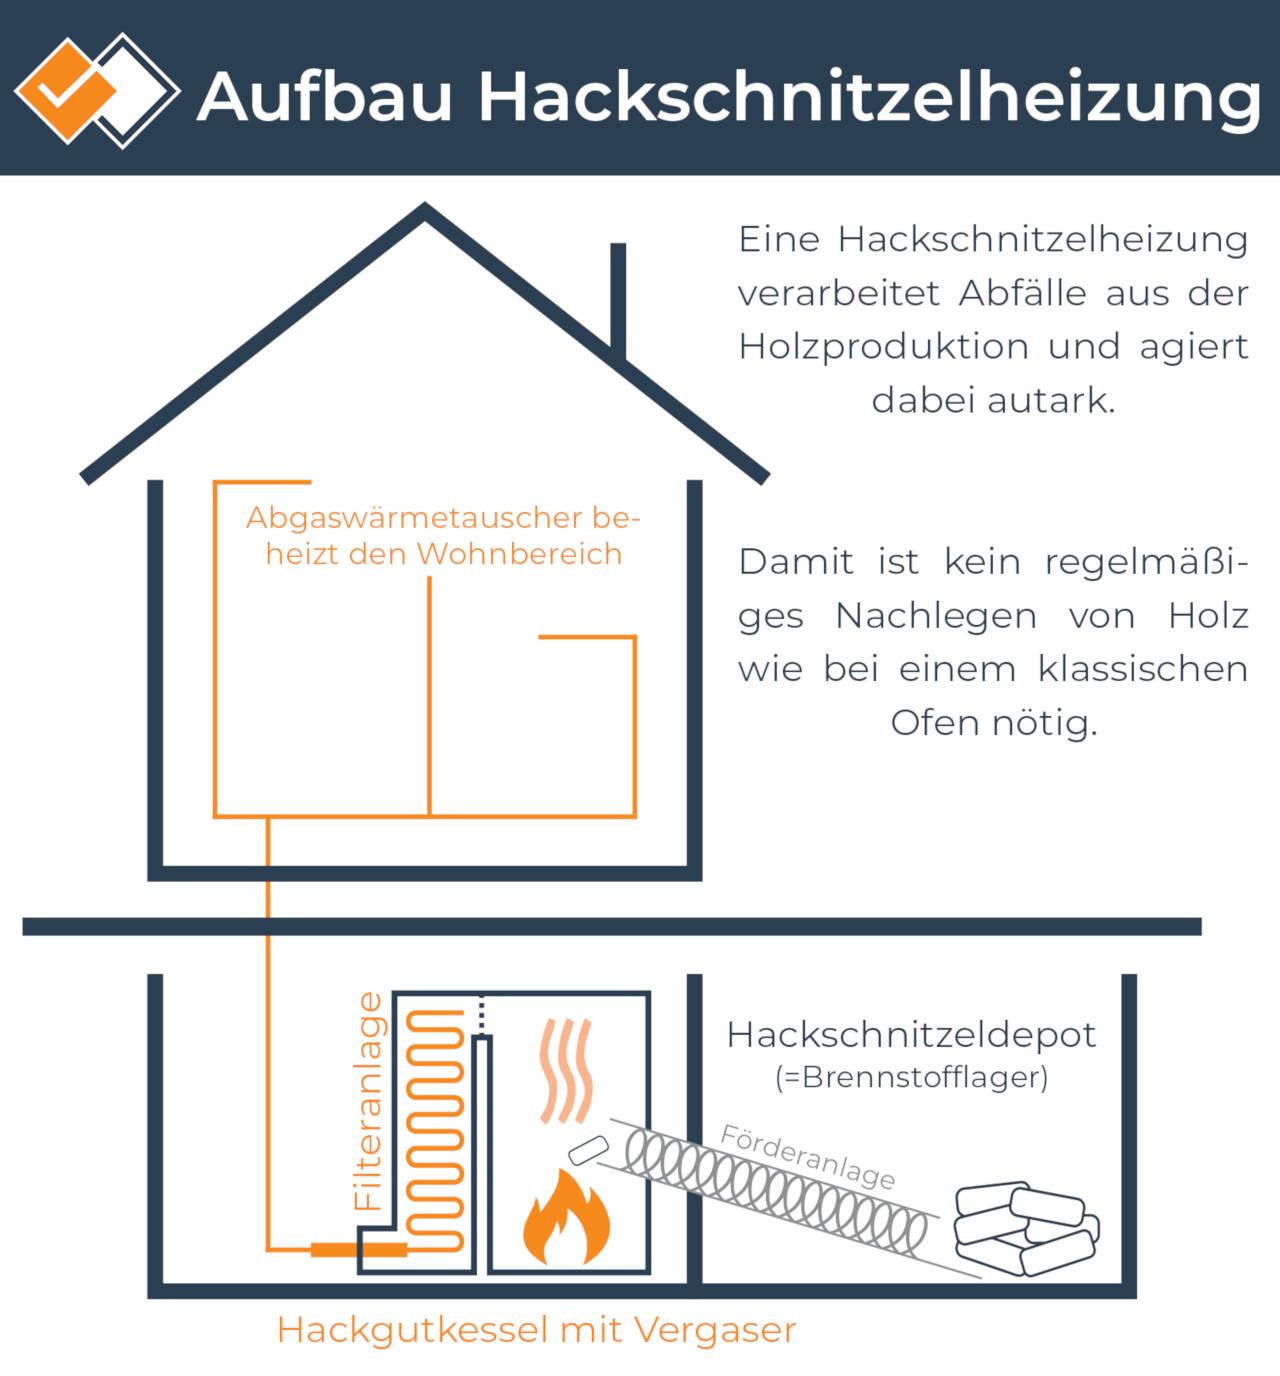 Infografik zur Funktionsweise eines Hackschnitzelkessels in der Hackschnitzelheizung